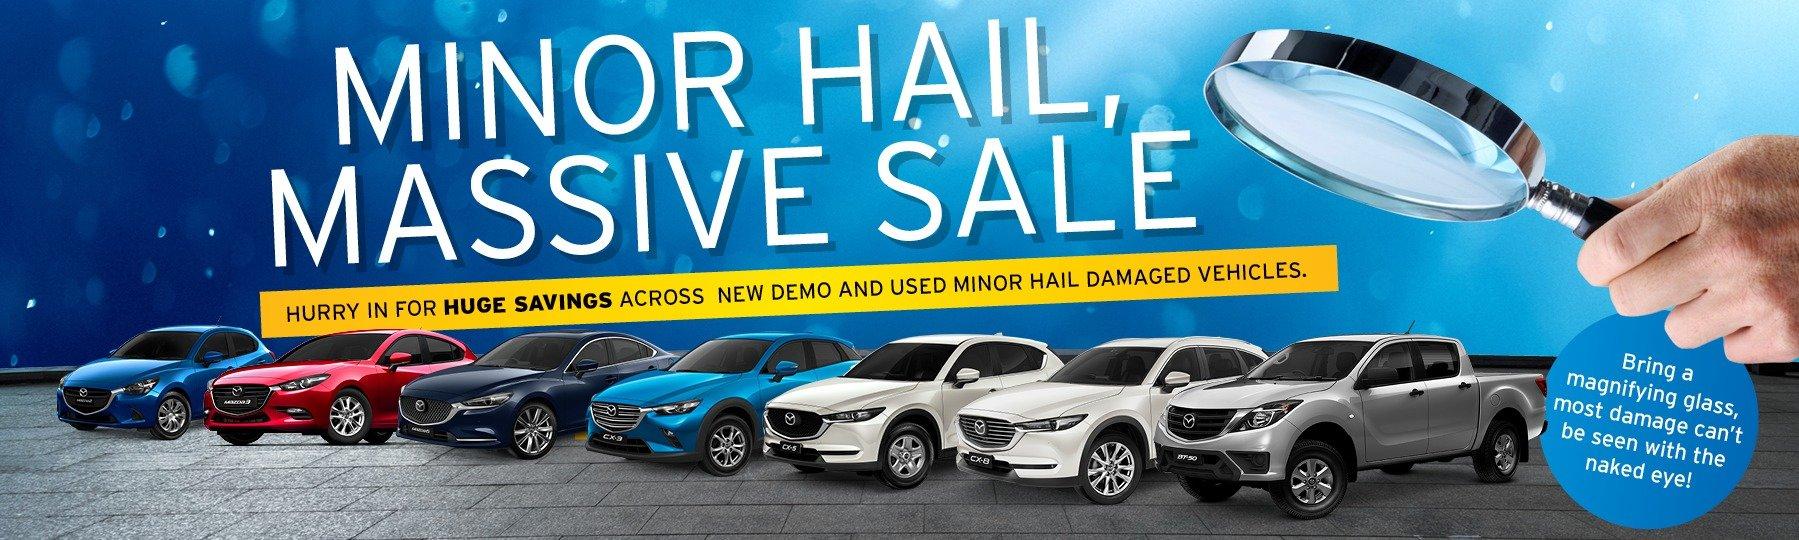 Minor Hail, Massive Sale